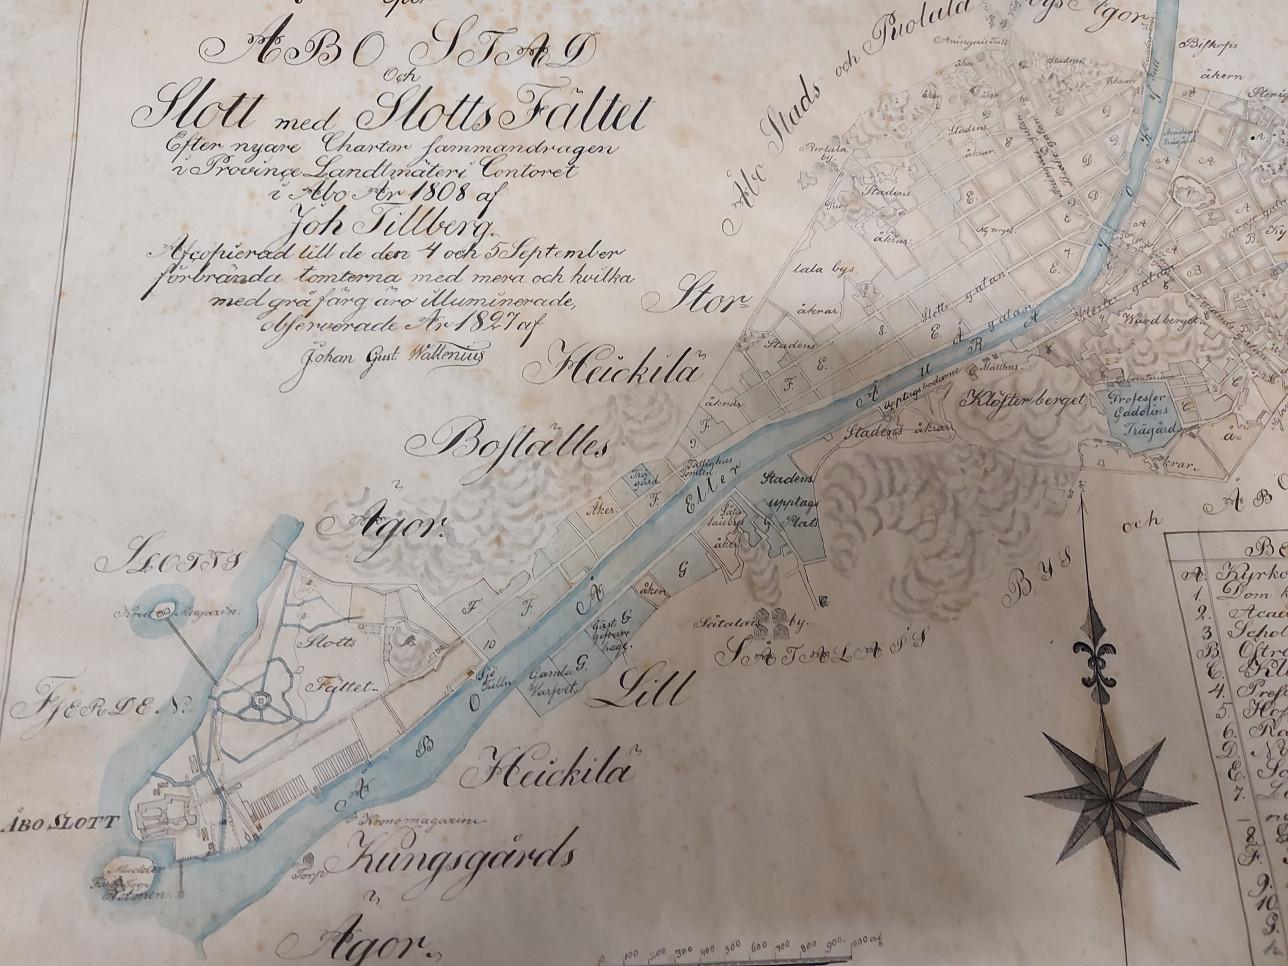 Vanha kartta Turun keskustasta, keskellä Aurajoki sinisellä.